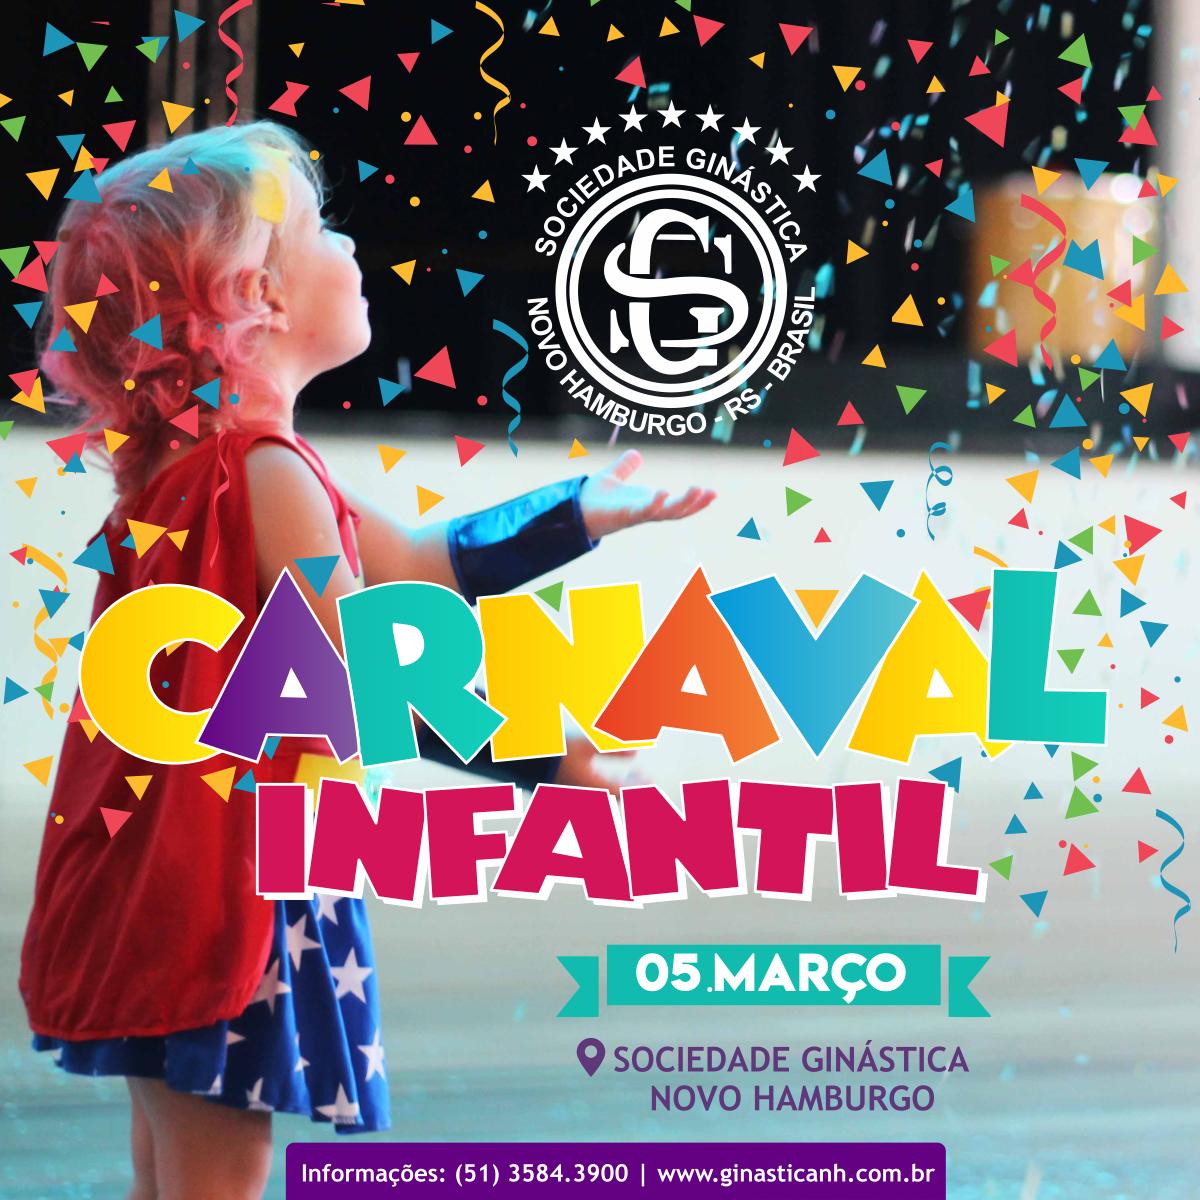 Carnaval Infantil: a folia da galerinha